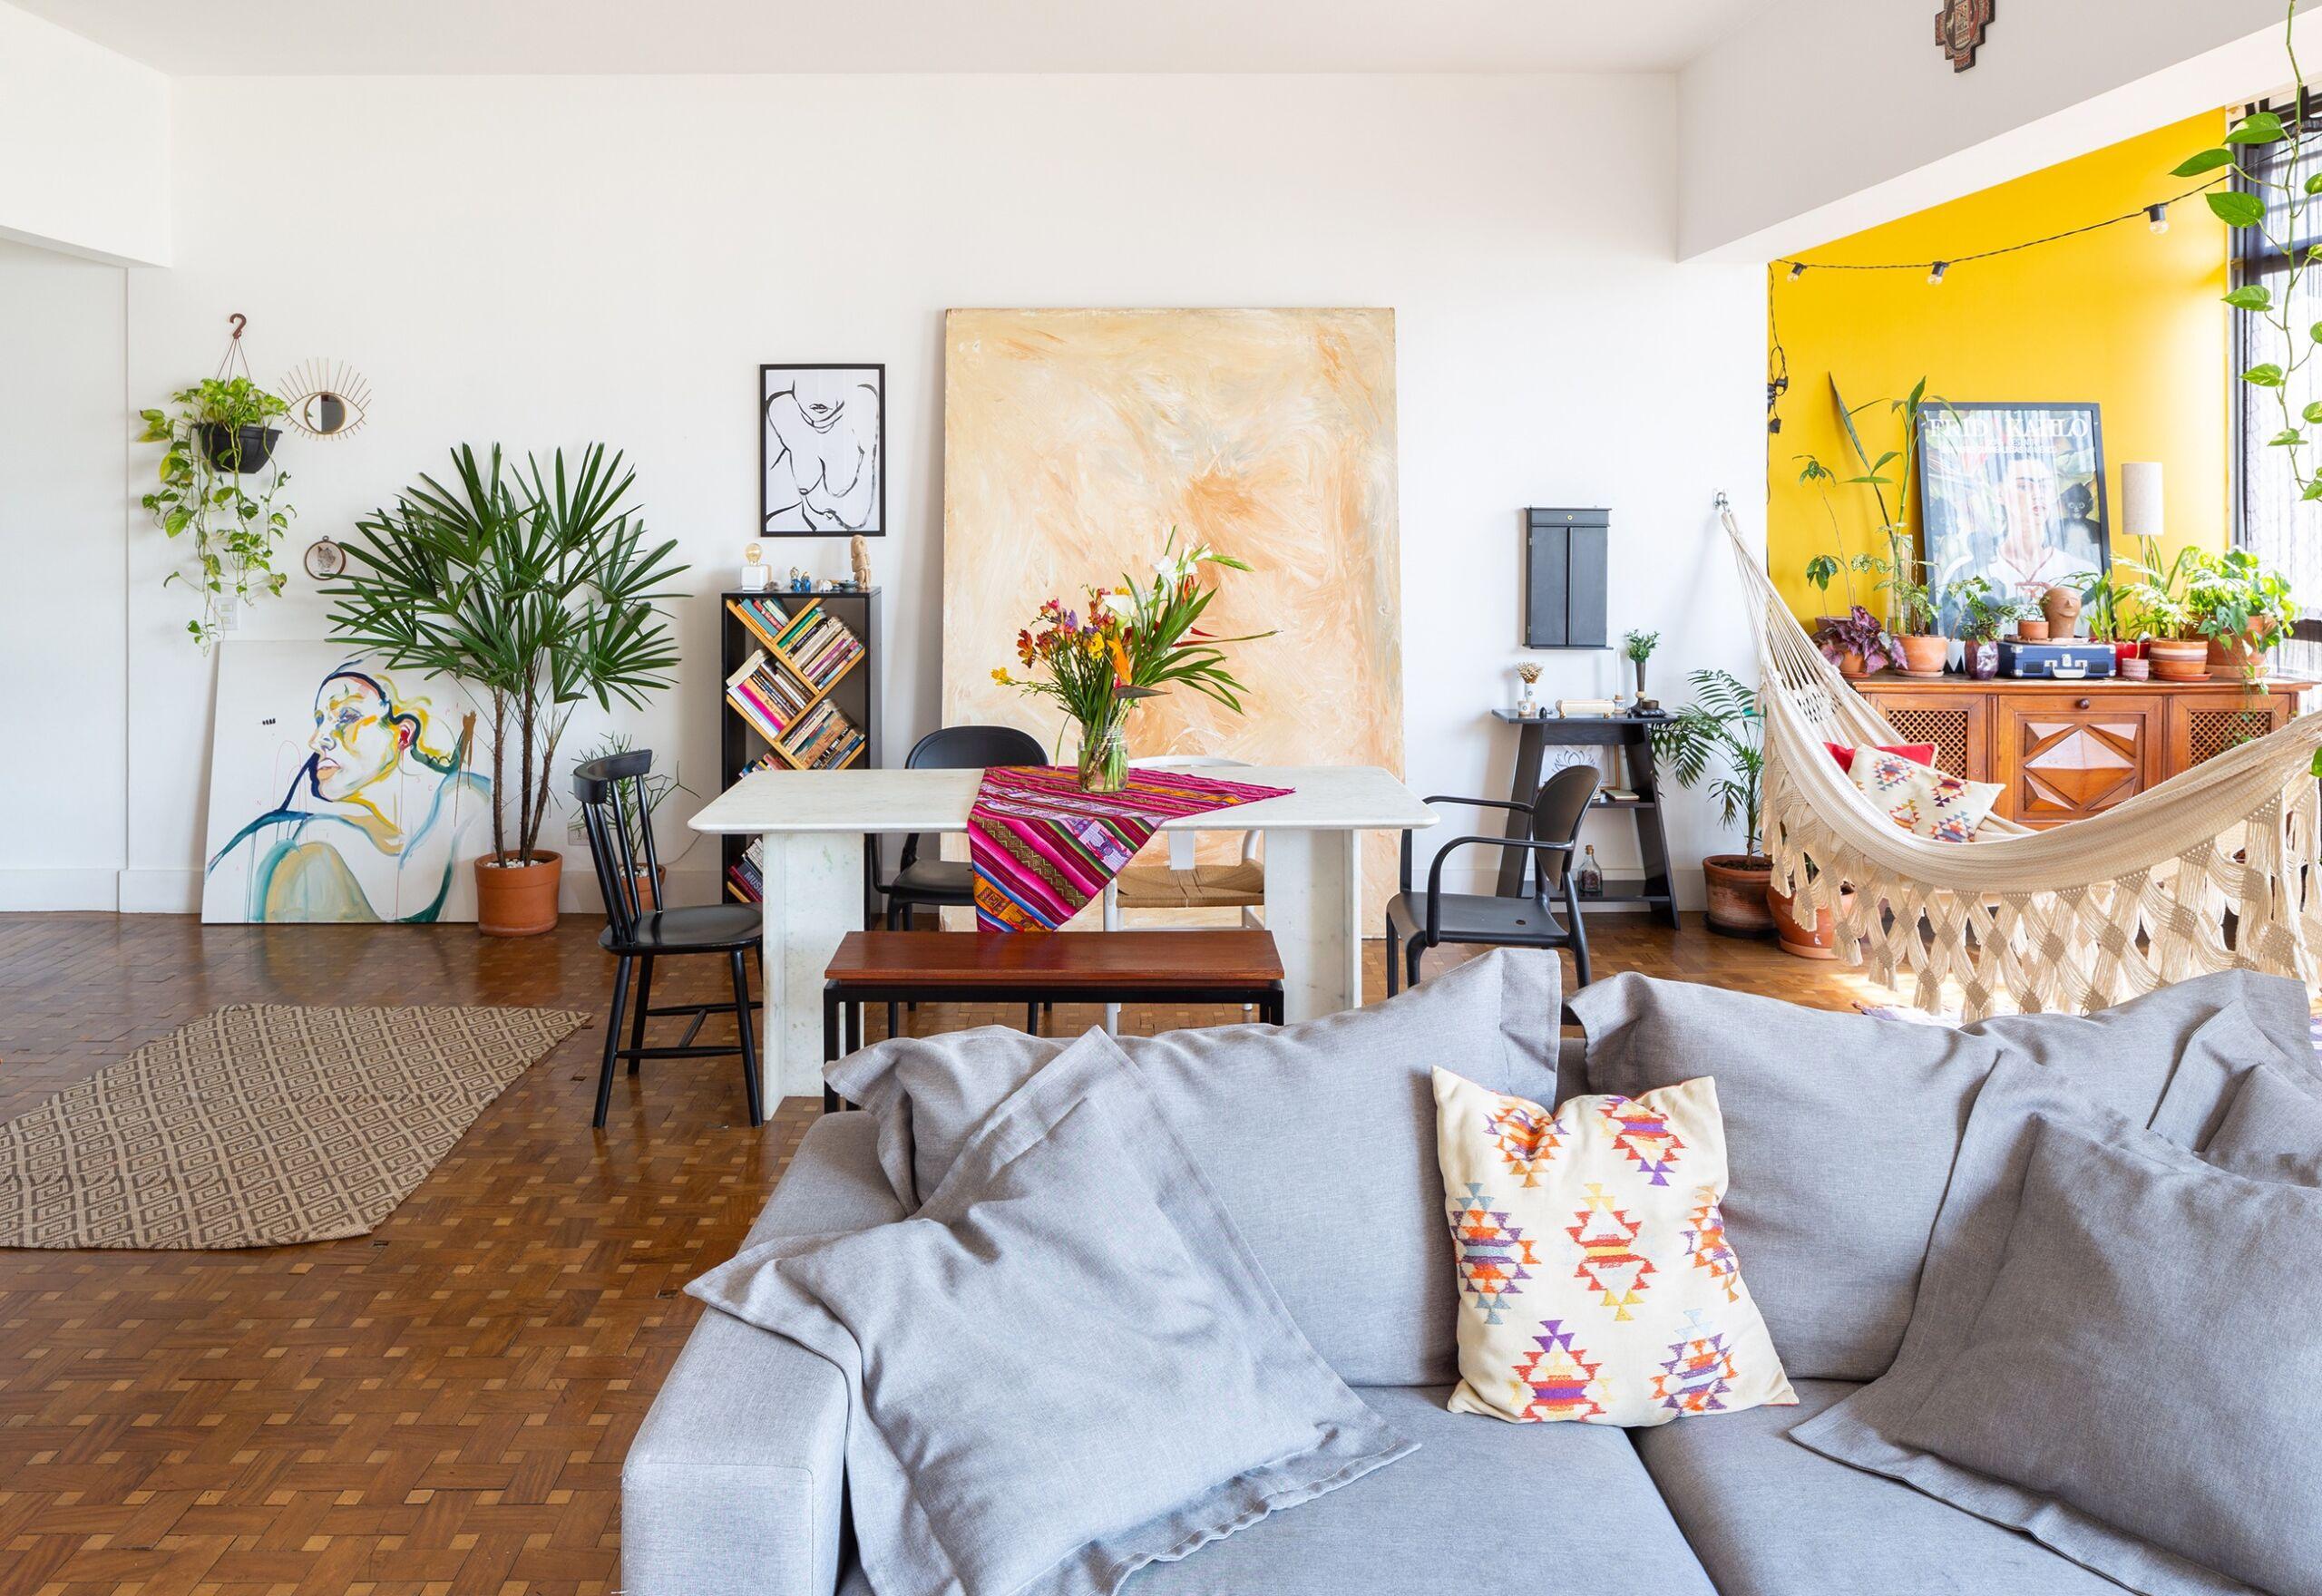 decoração-sah-e-ara-sala-com-piso-madeira-parede-amarela-e-plantas